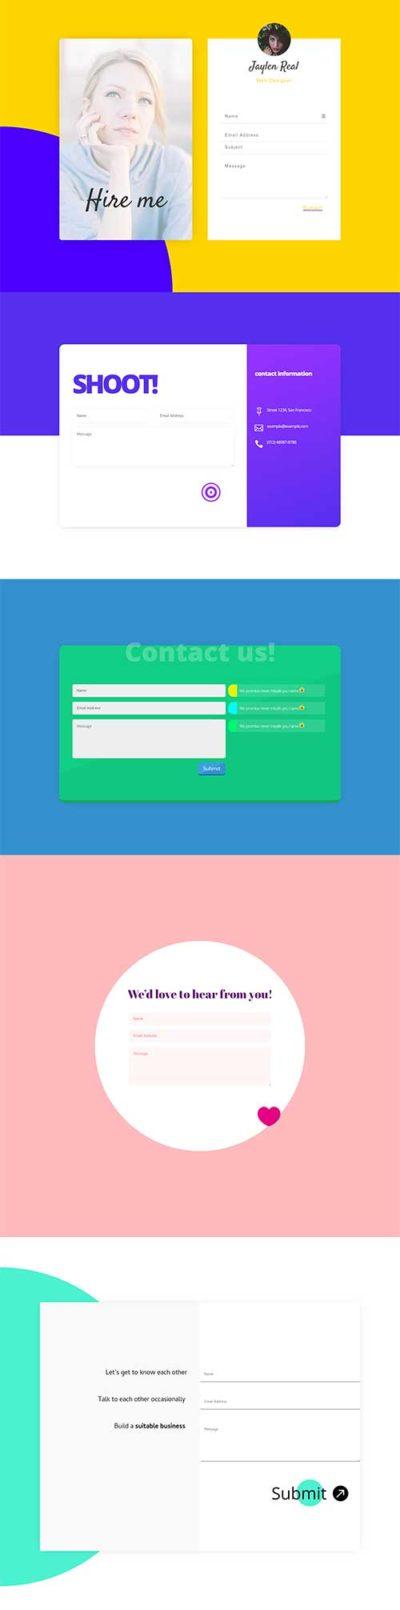 5 divi contact form modules